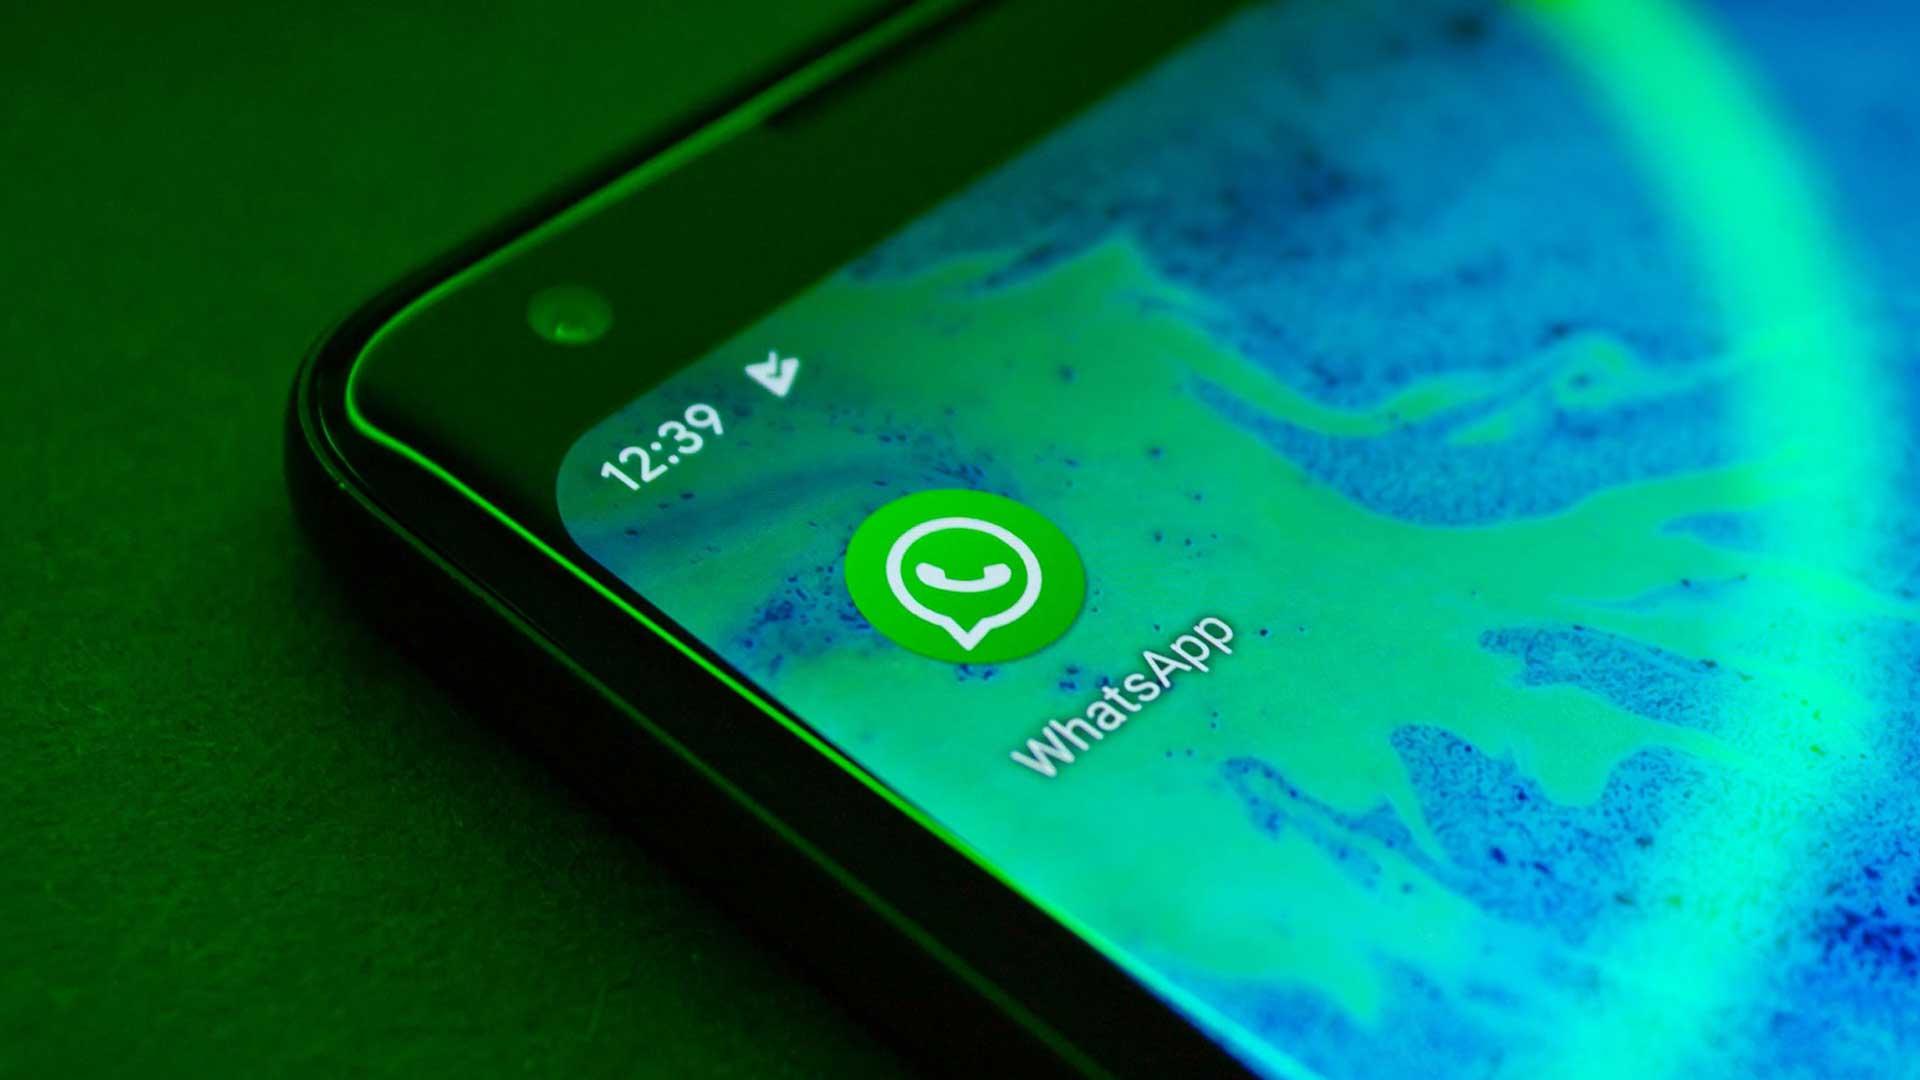 افزایش حجم تماس واتس اپ